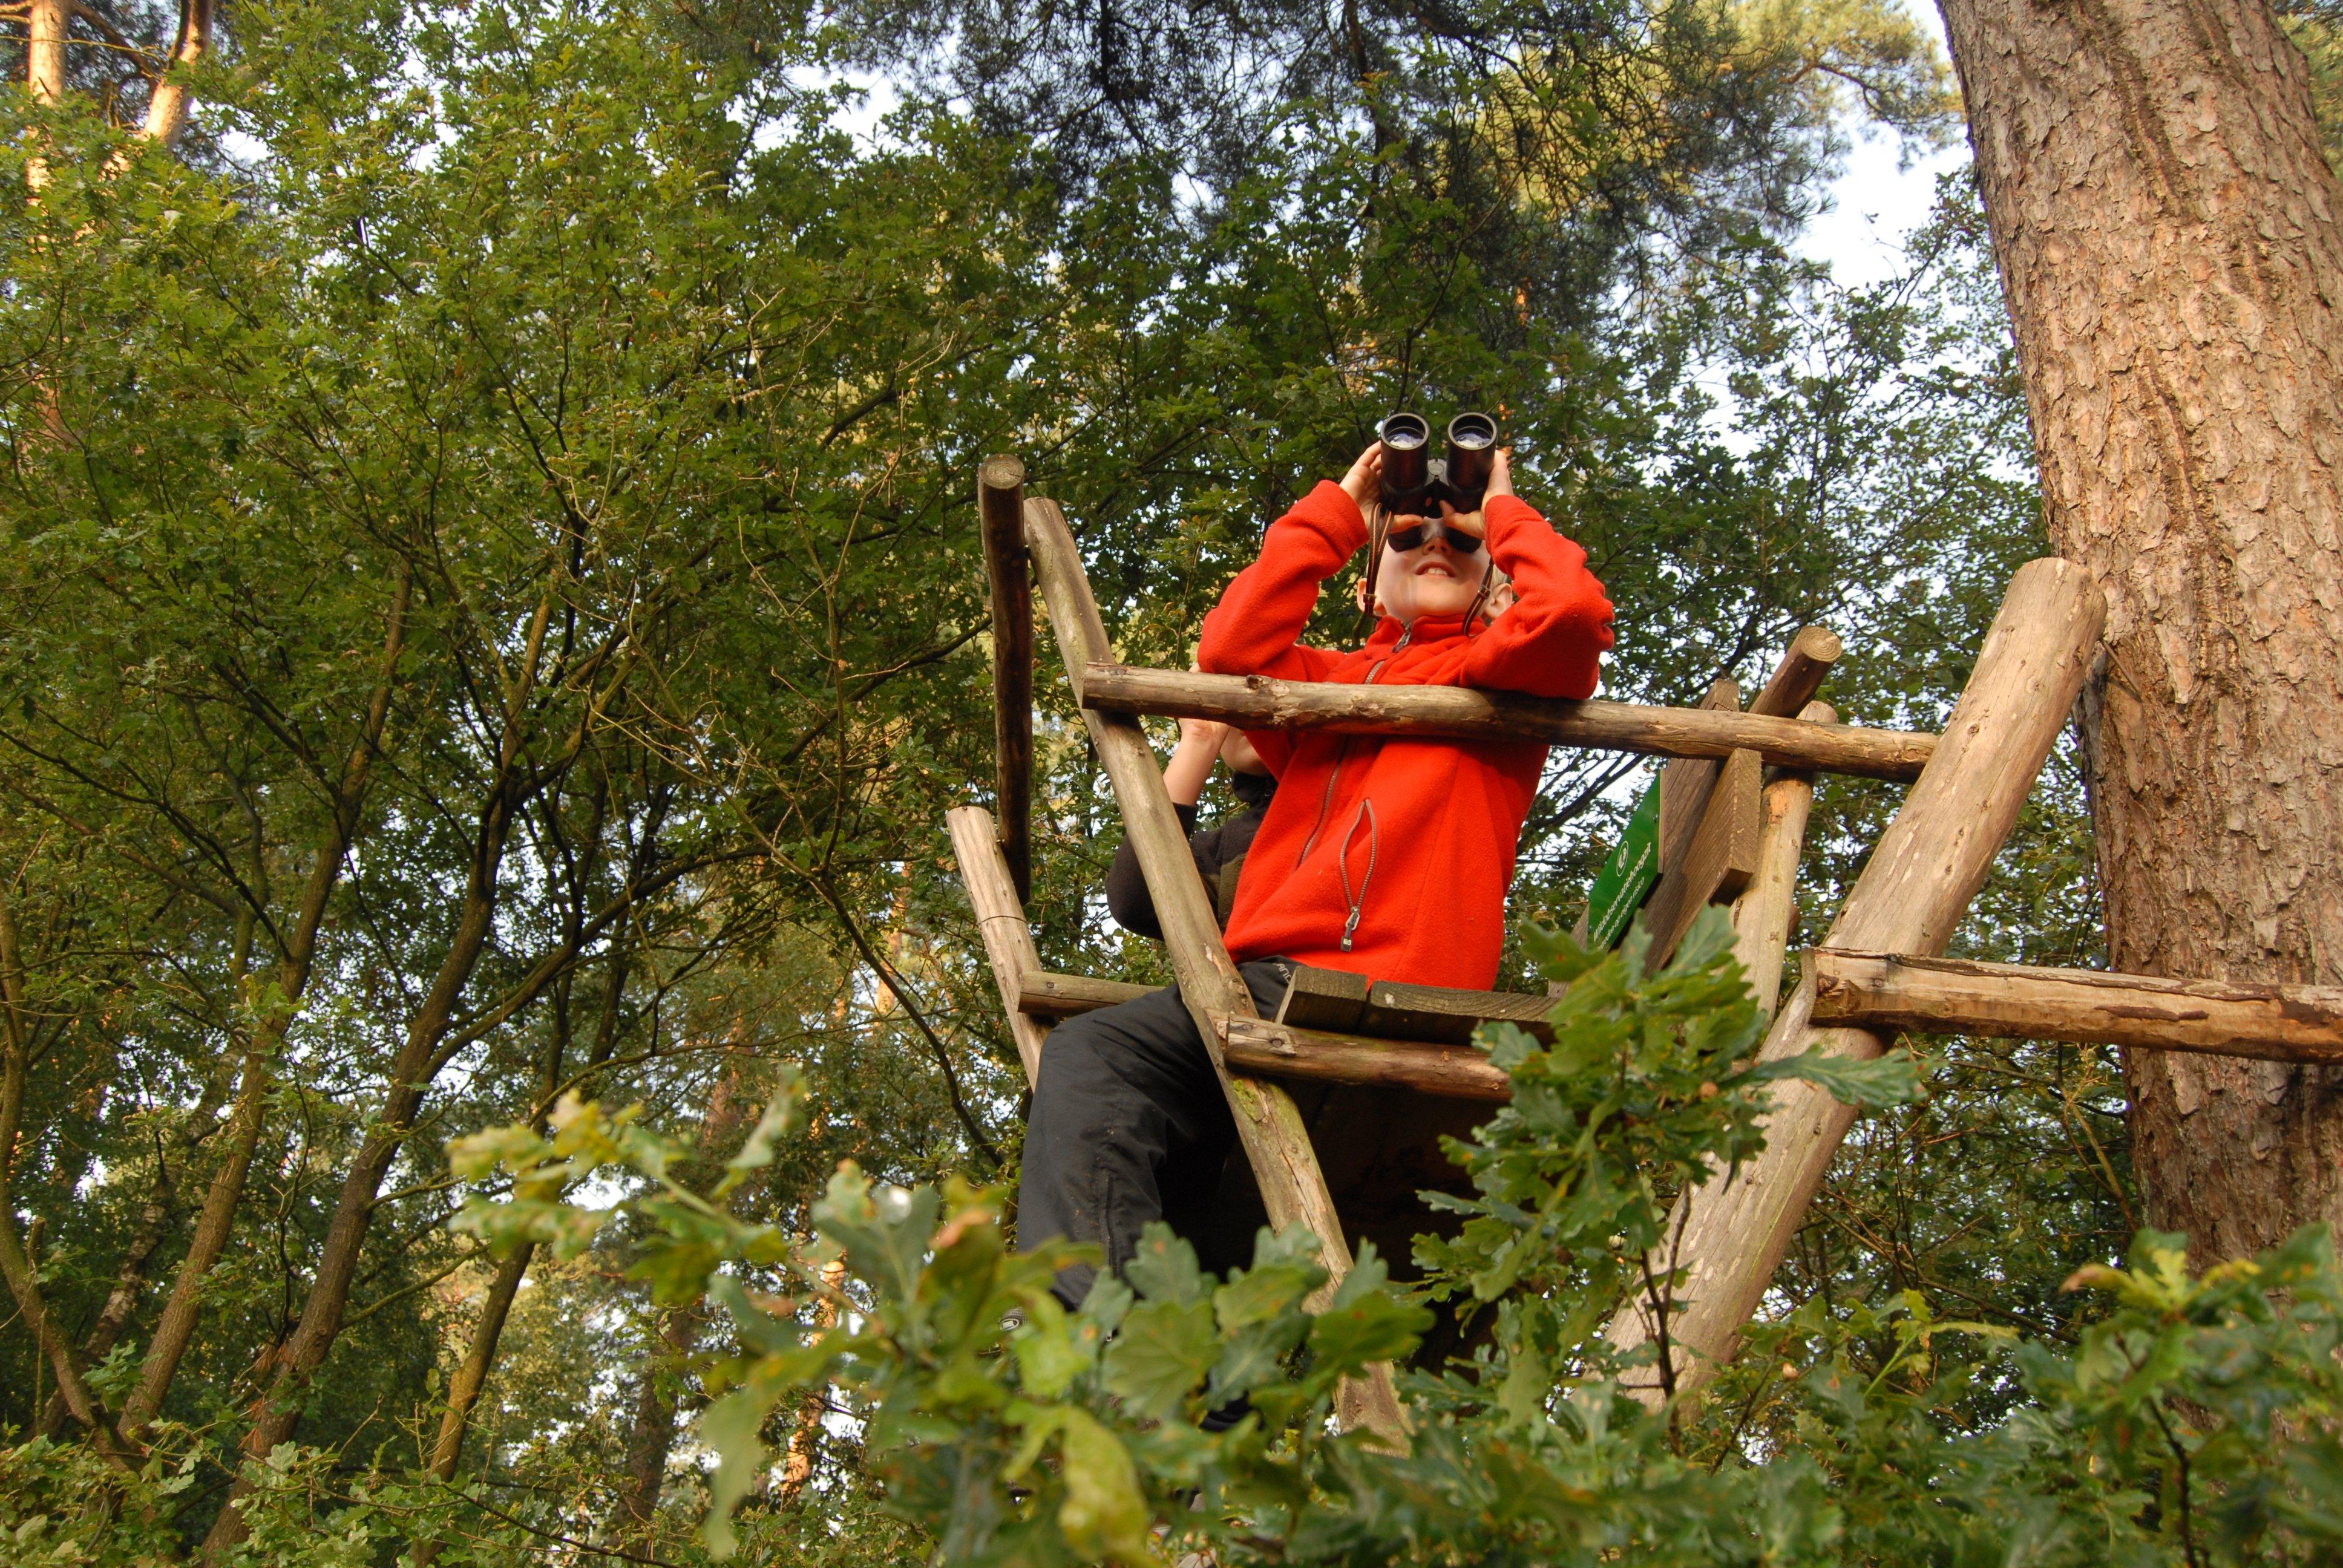 Activiteiten Voor Kinderen In De Herfstvakantie Park Hoge Veluwe